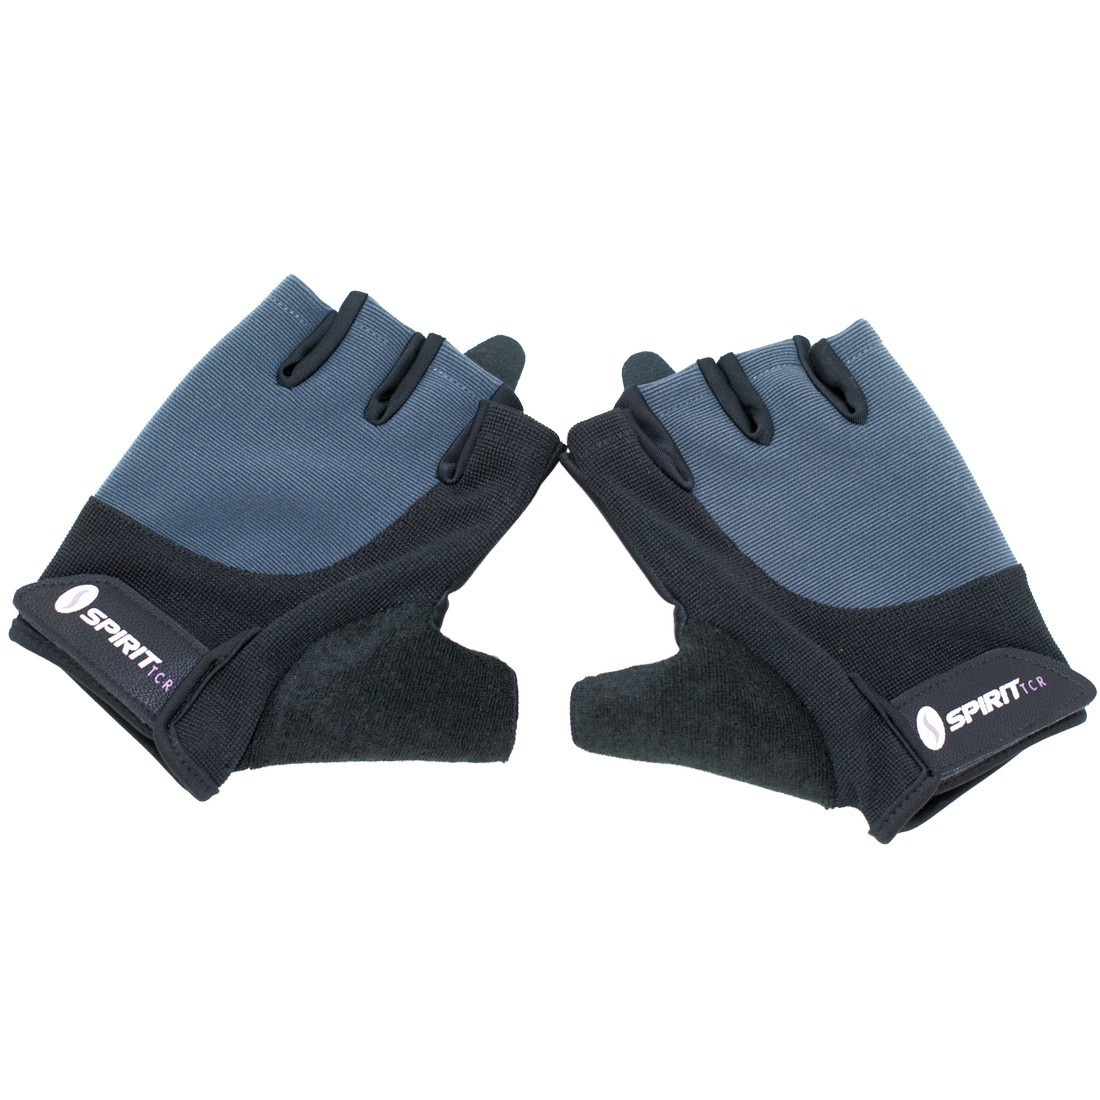 achetez spirit workout glove s gants pour le fitness le sport et la musculation de spirit tcr. Black Bedroom Furniture Sets. Home Design Ideas